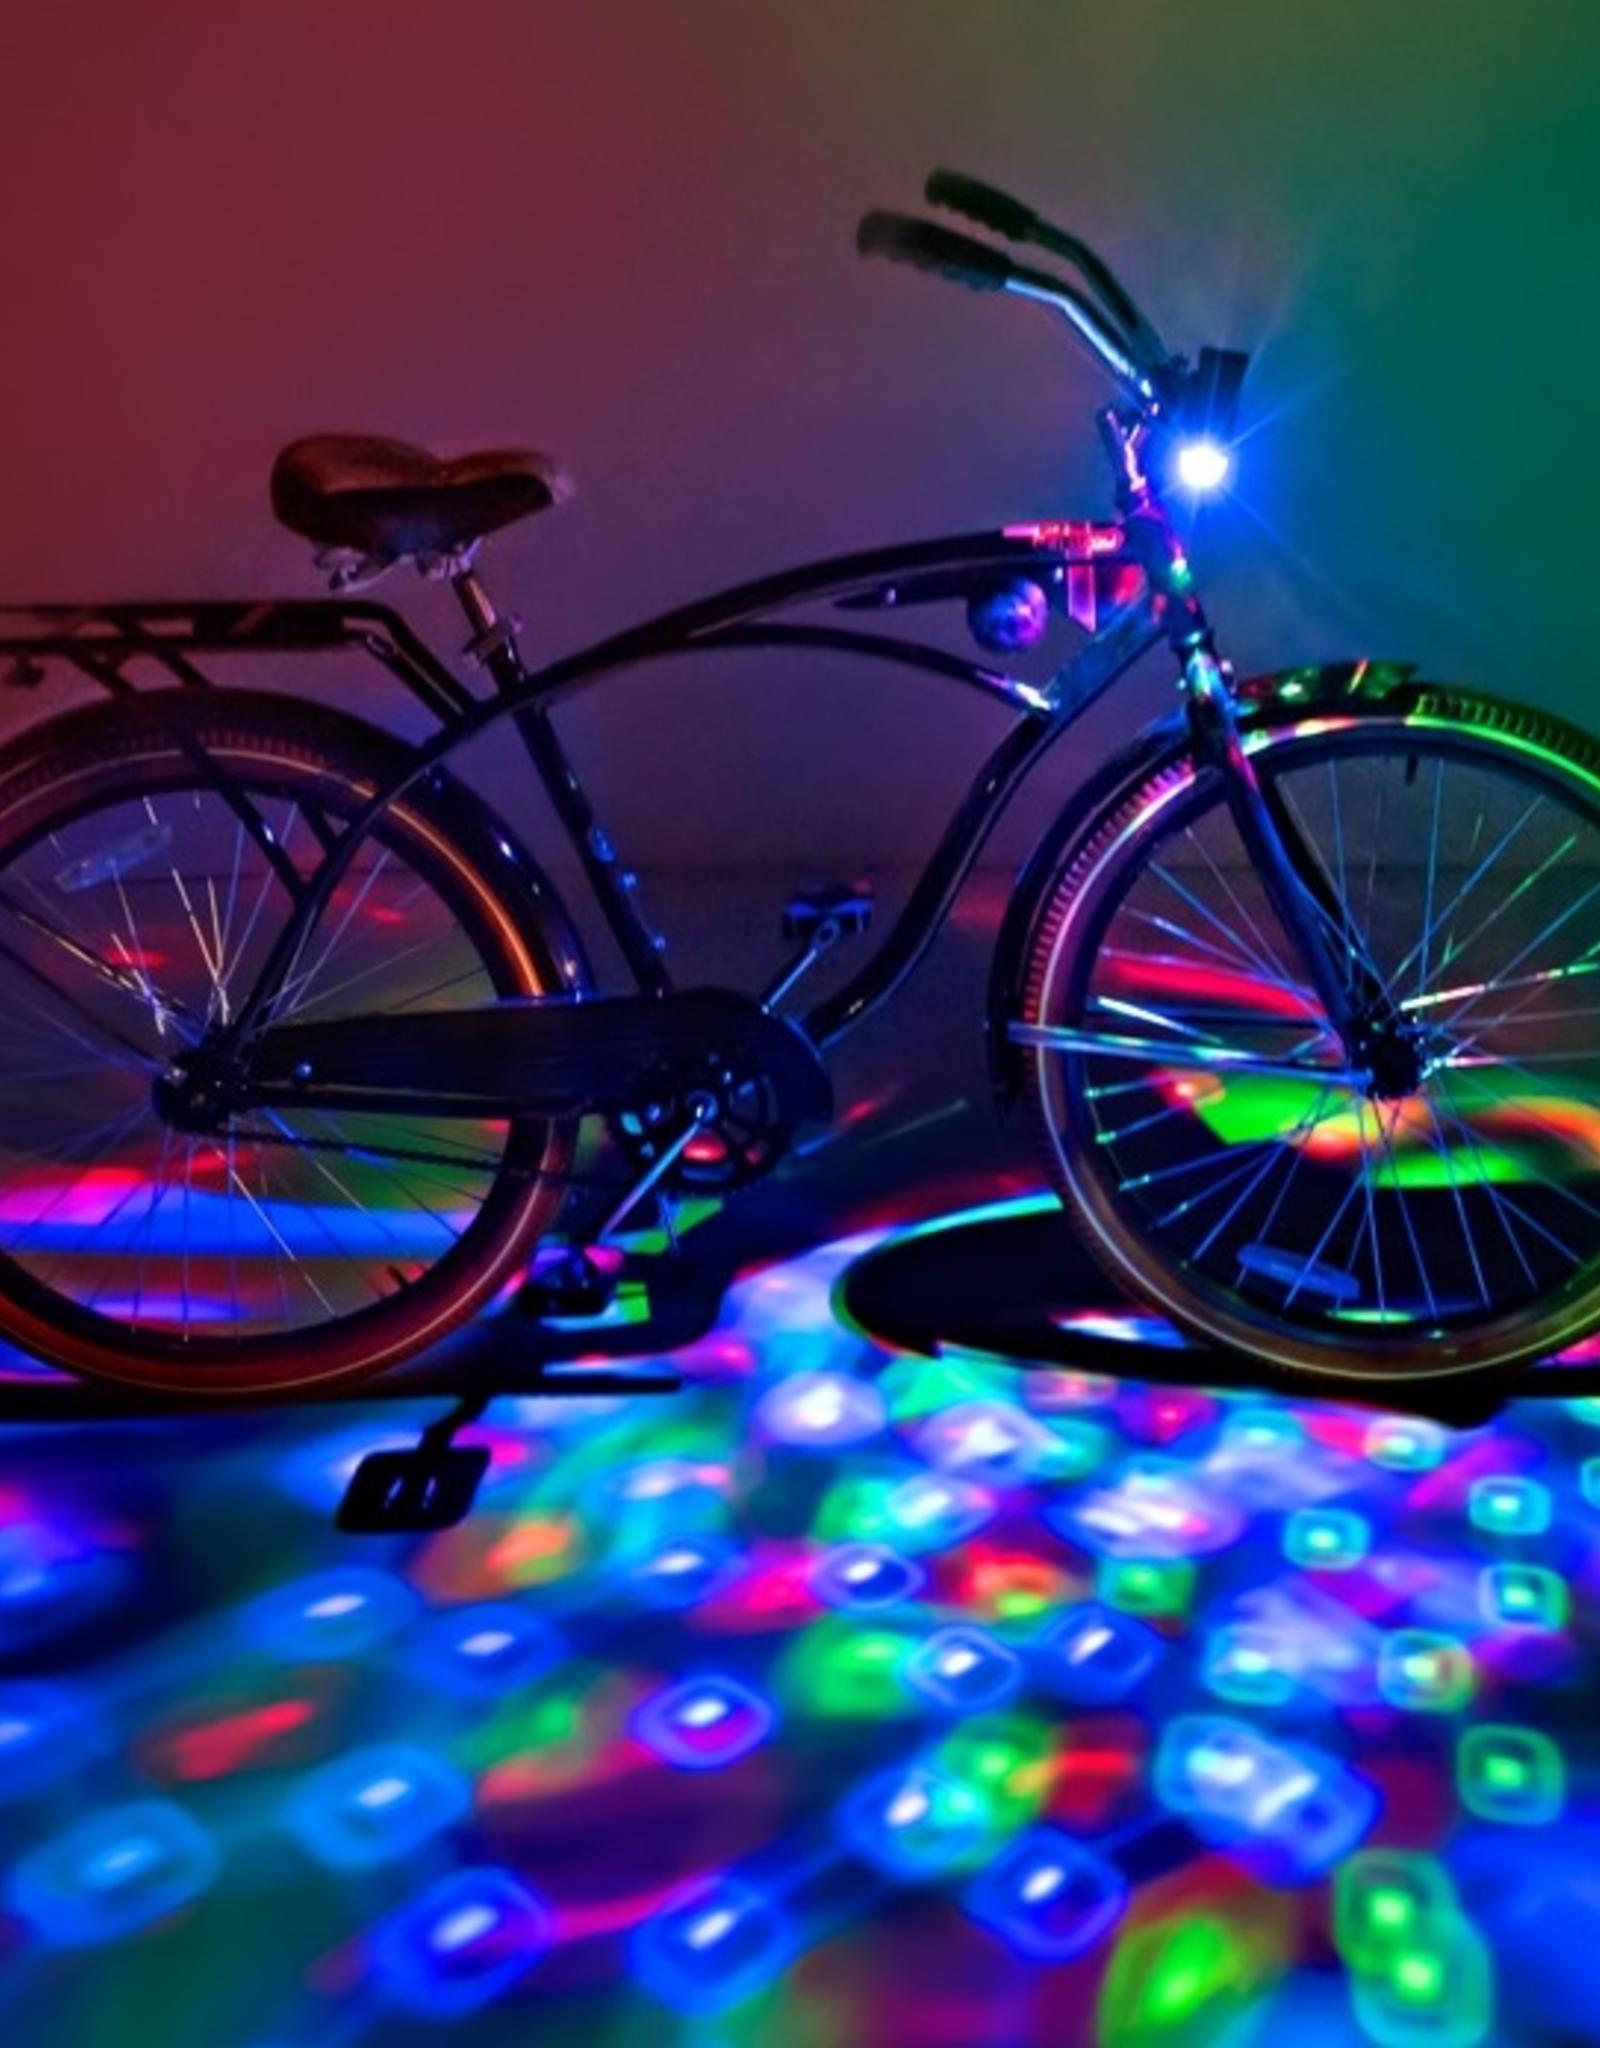 Brightz, Ltd. Cruzin Brightz LED Light